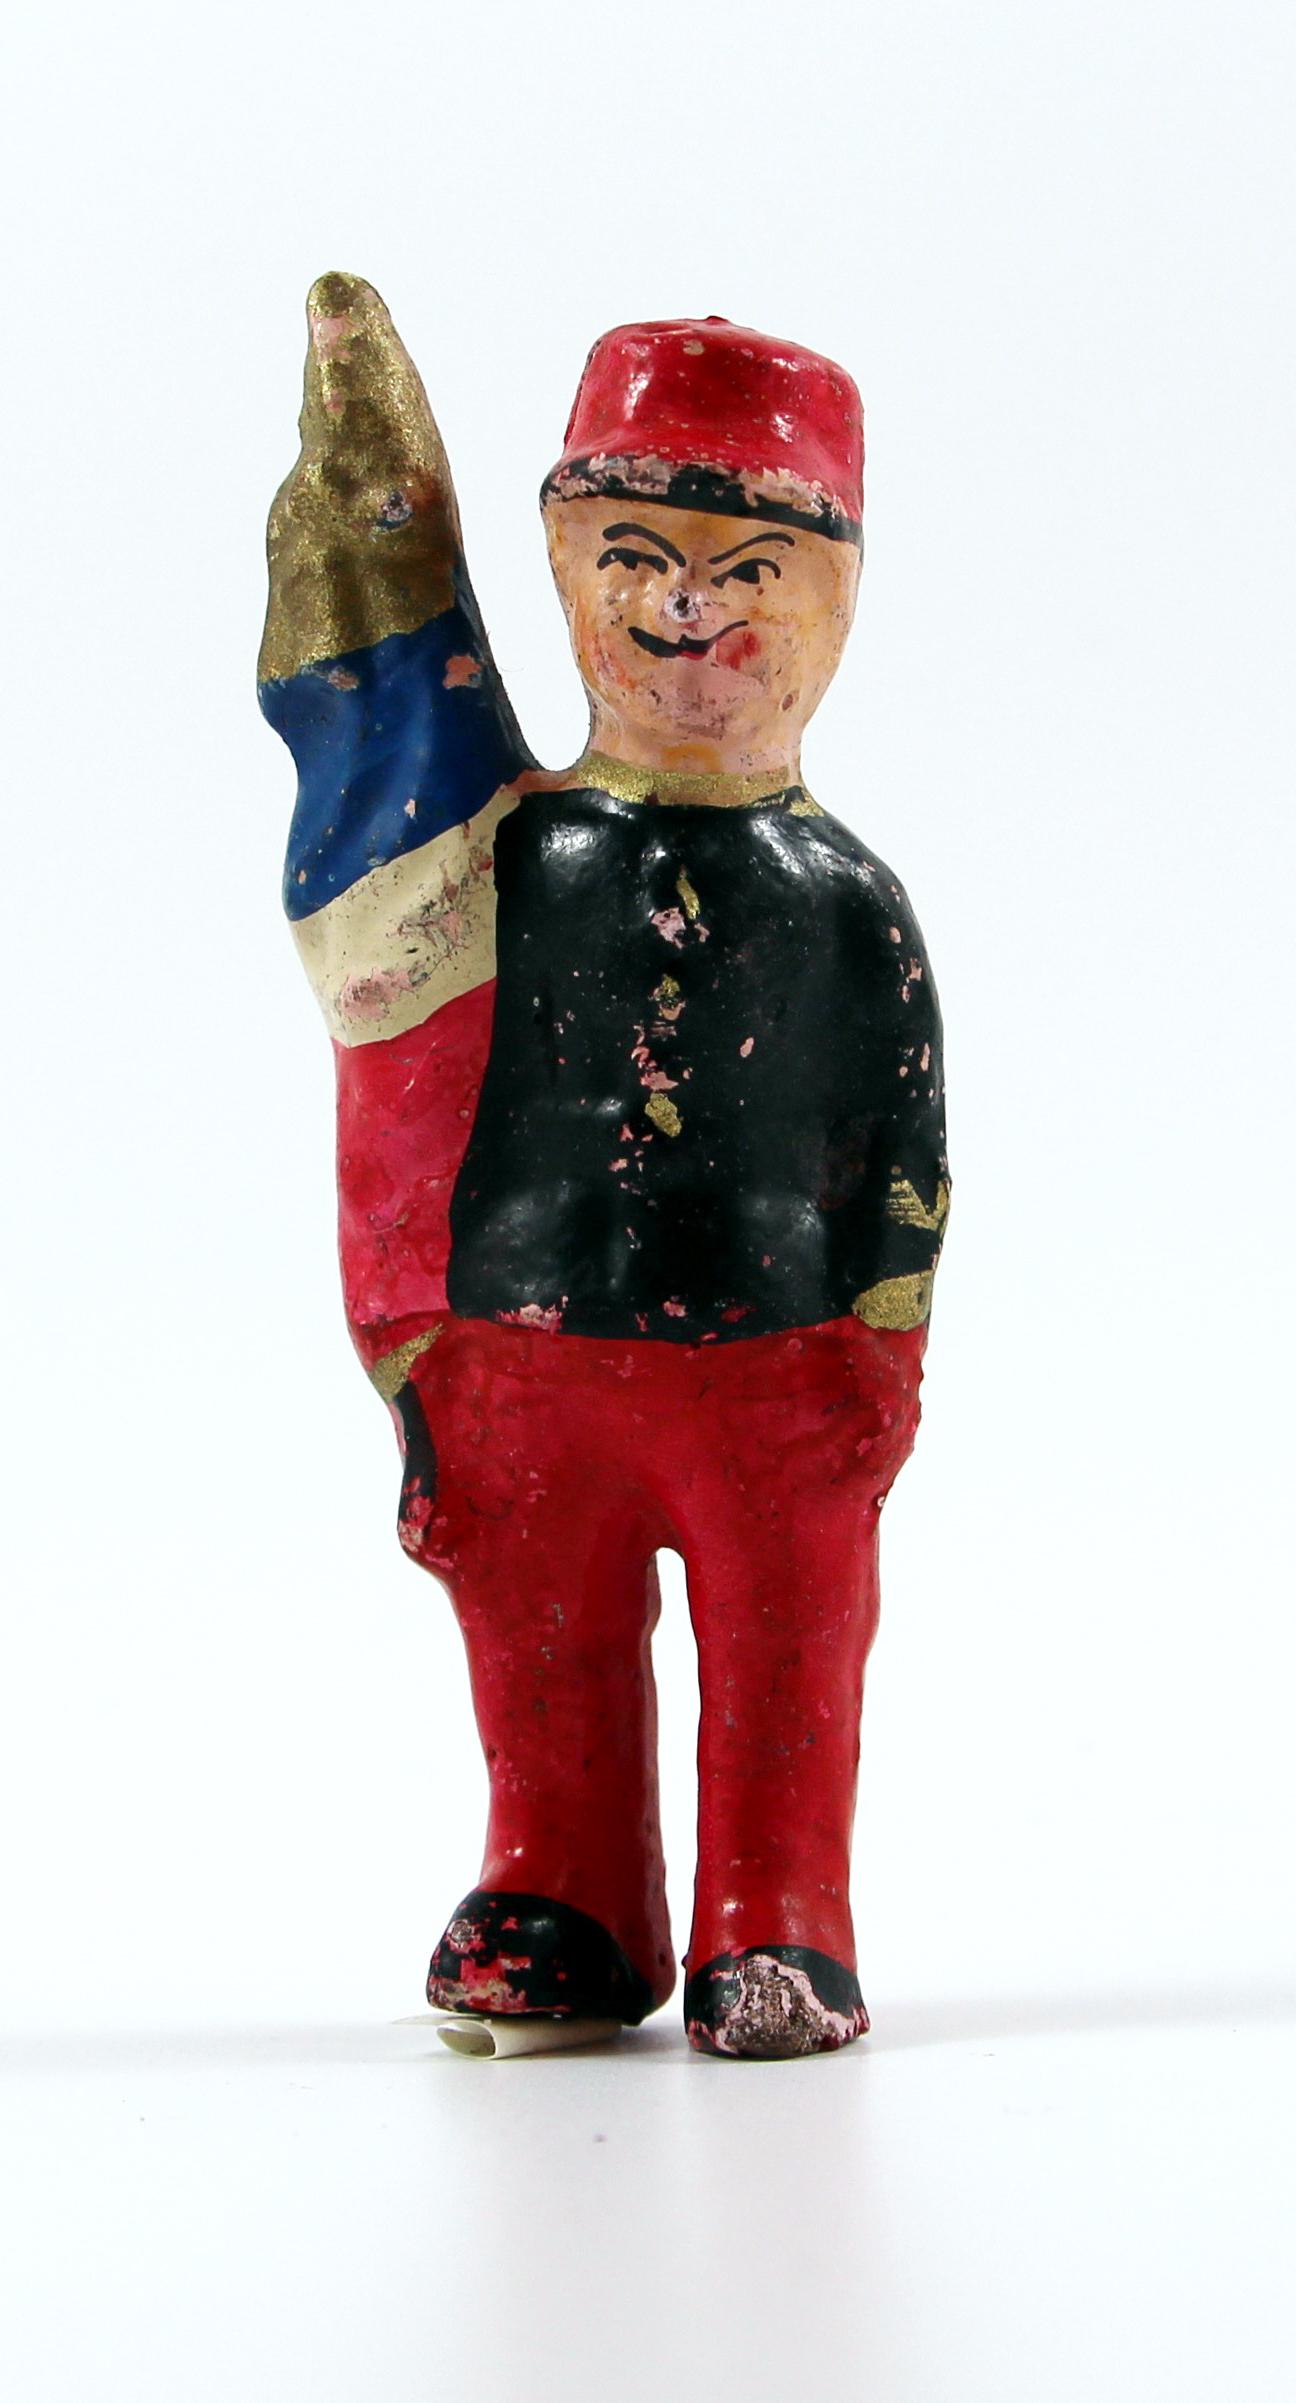 Ancienne Figurine Bon Dufour en composition - Infanterie - Soldats - Uniforme - 3ème République